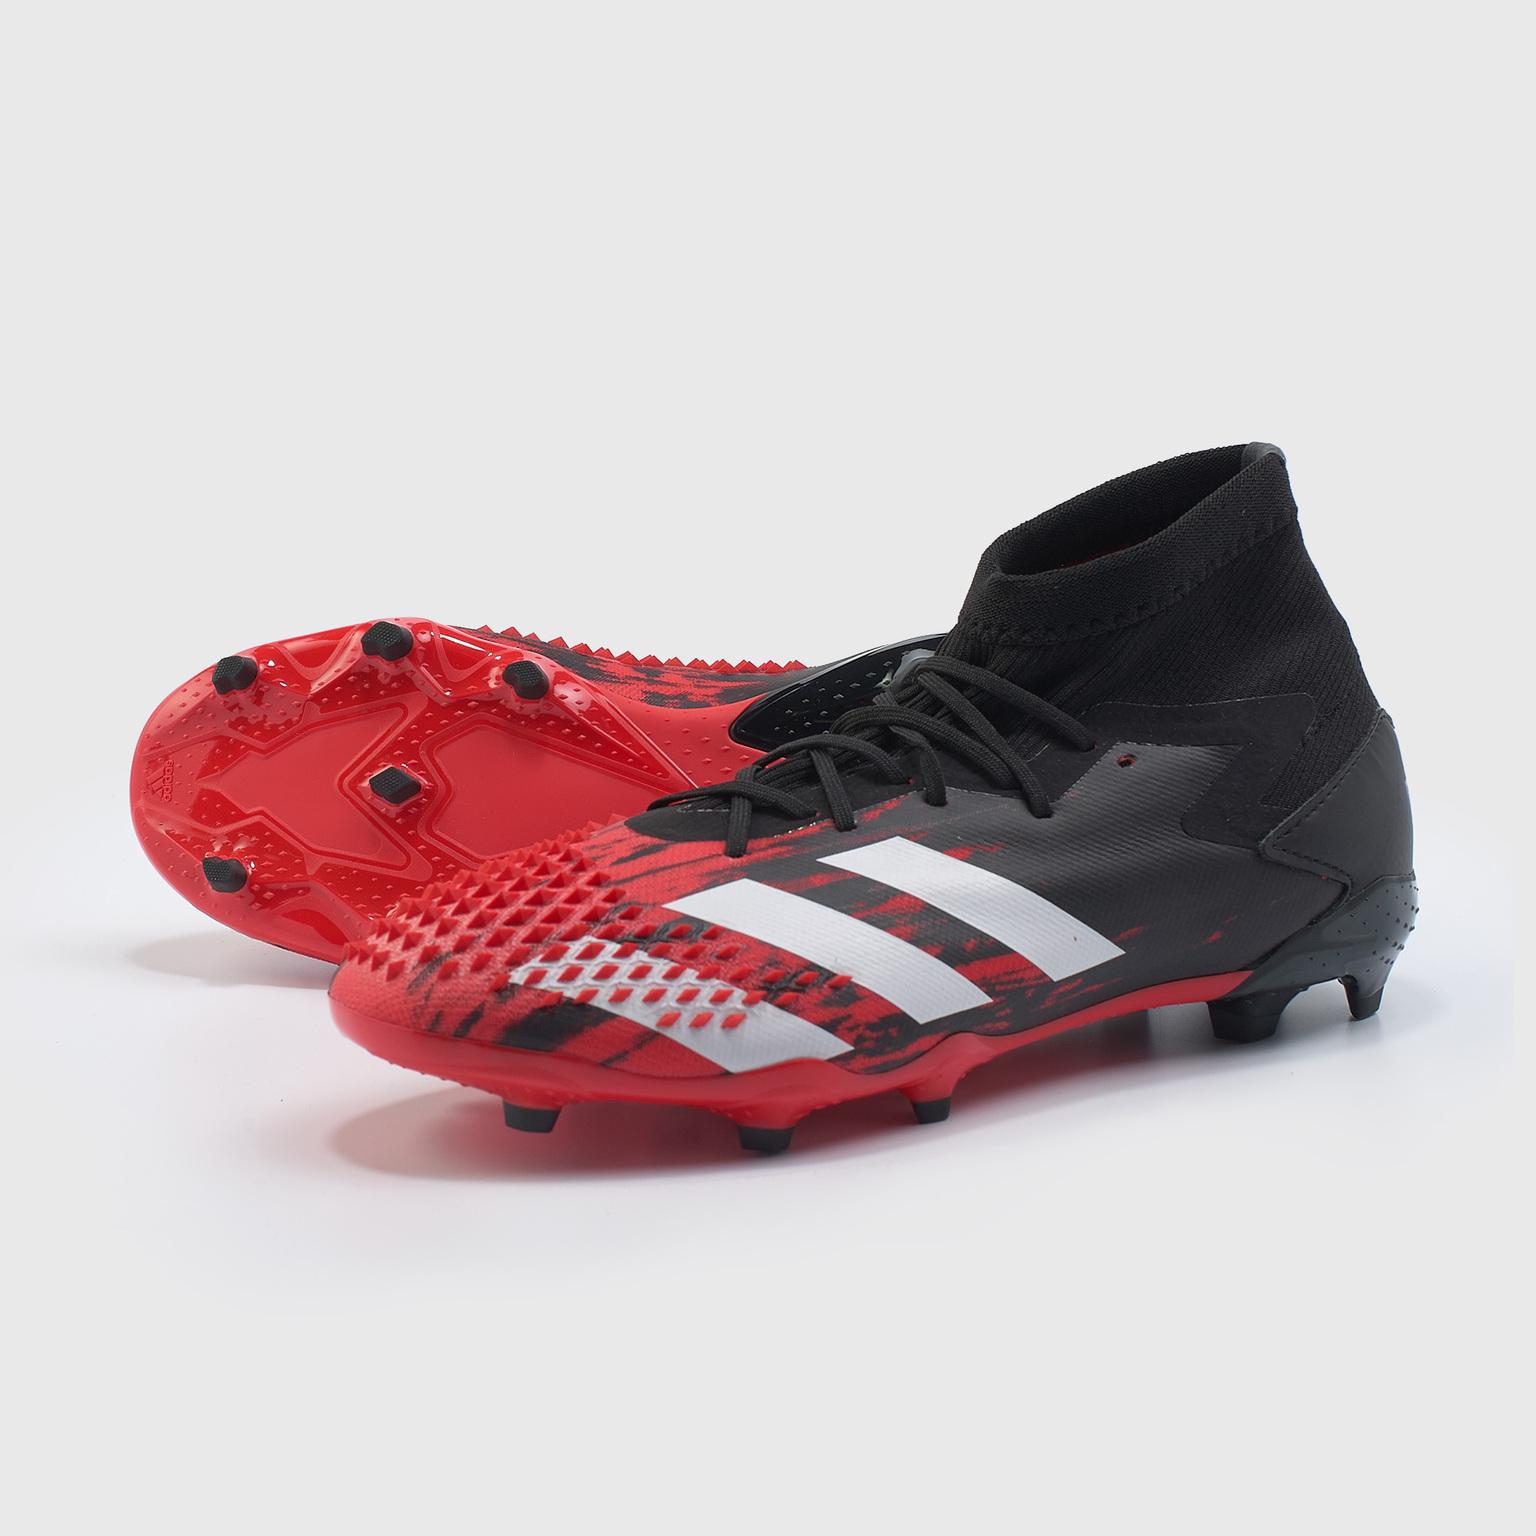 Бутсы детские Adidas Predator Mutator 20.1 FG EF1992 бутсы adidas predator 18 3 fg db2001